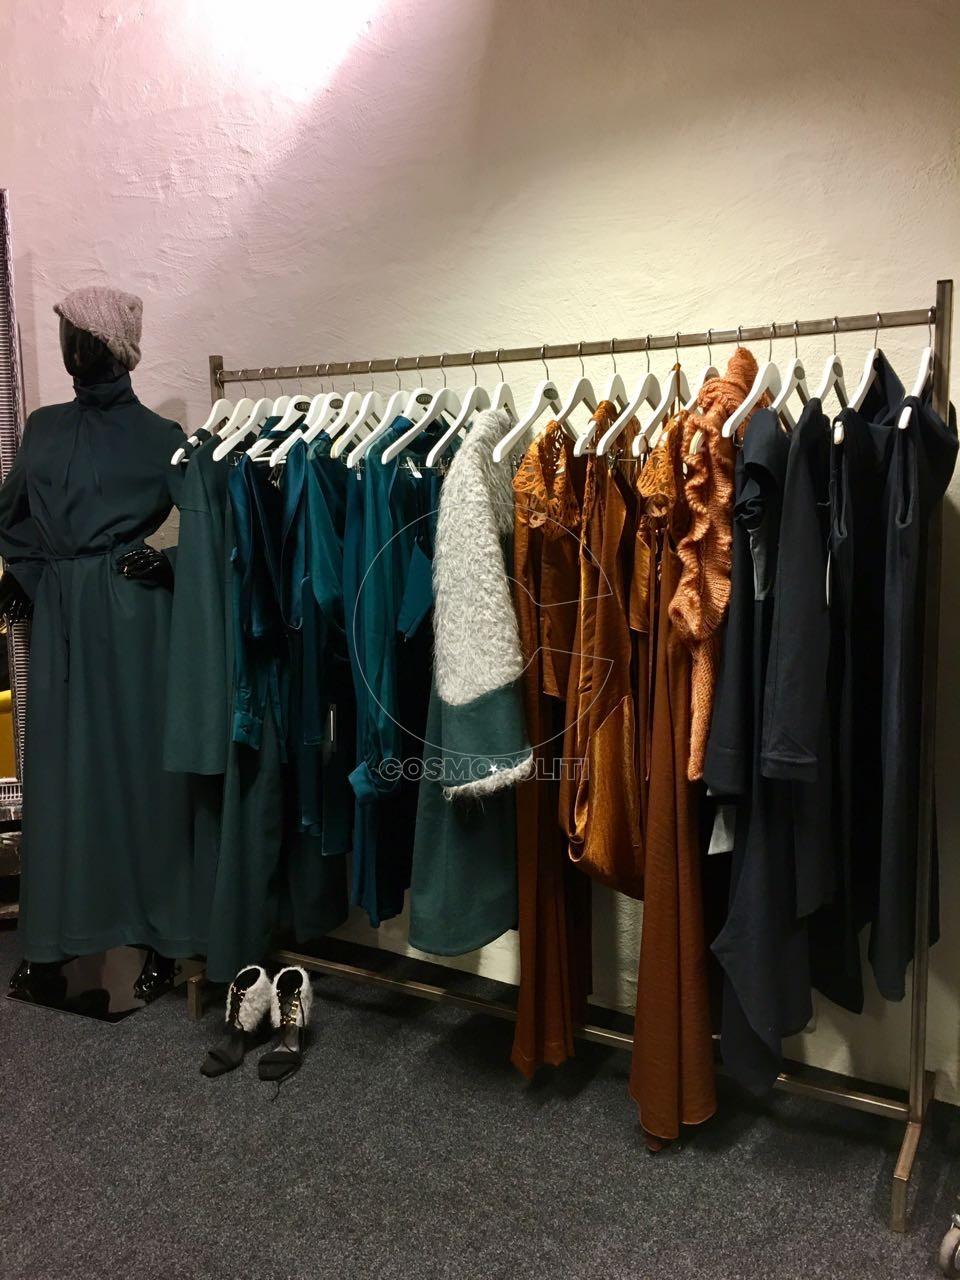 Ioanna Kourbela_Oslo store_2017 (3)